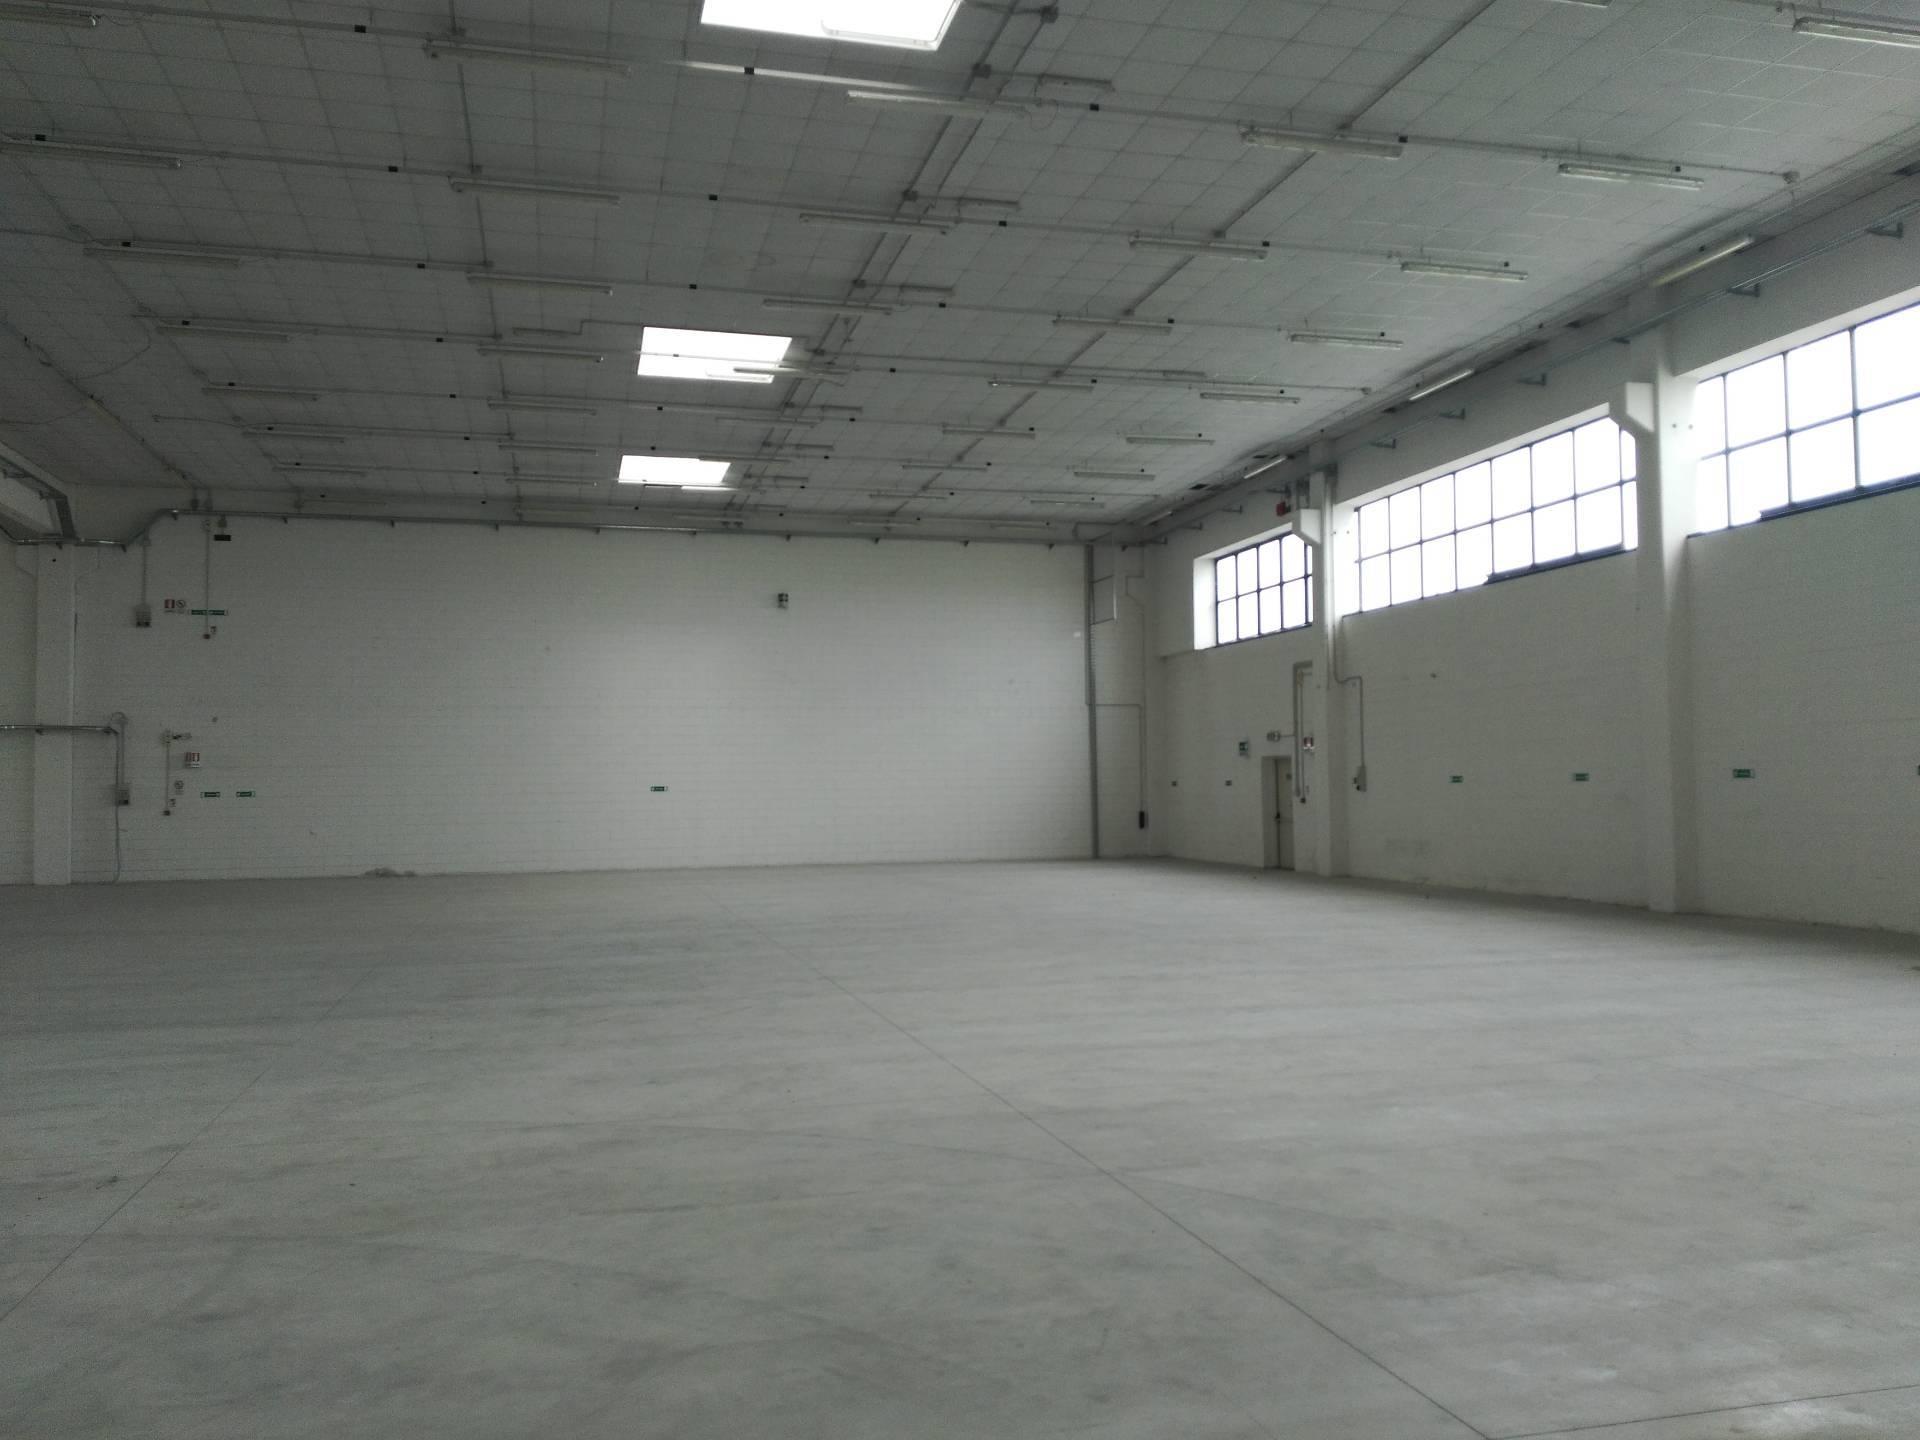 Capannone in vendita a Paese, 9999 locali, zona Zona: Postioma, prezzo € 145.000 | CambioCasa.it